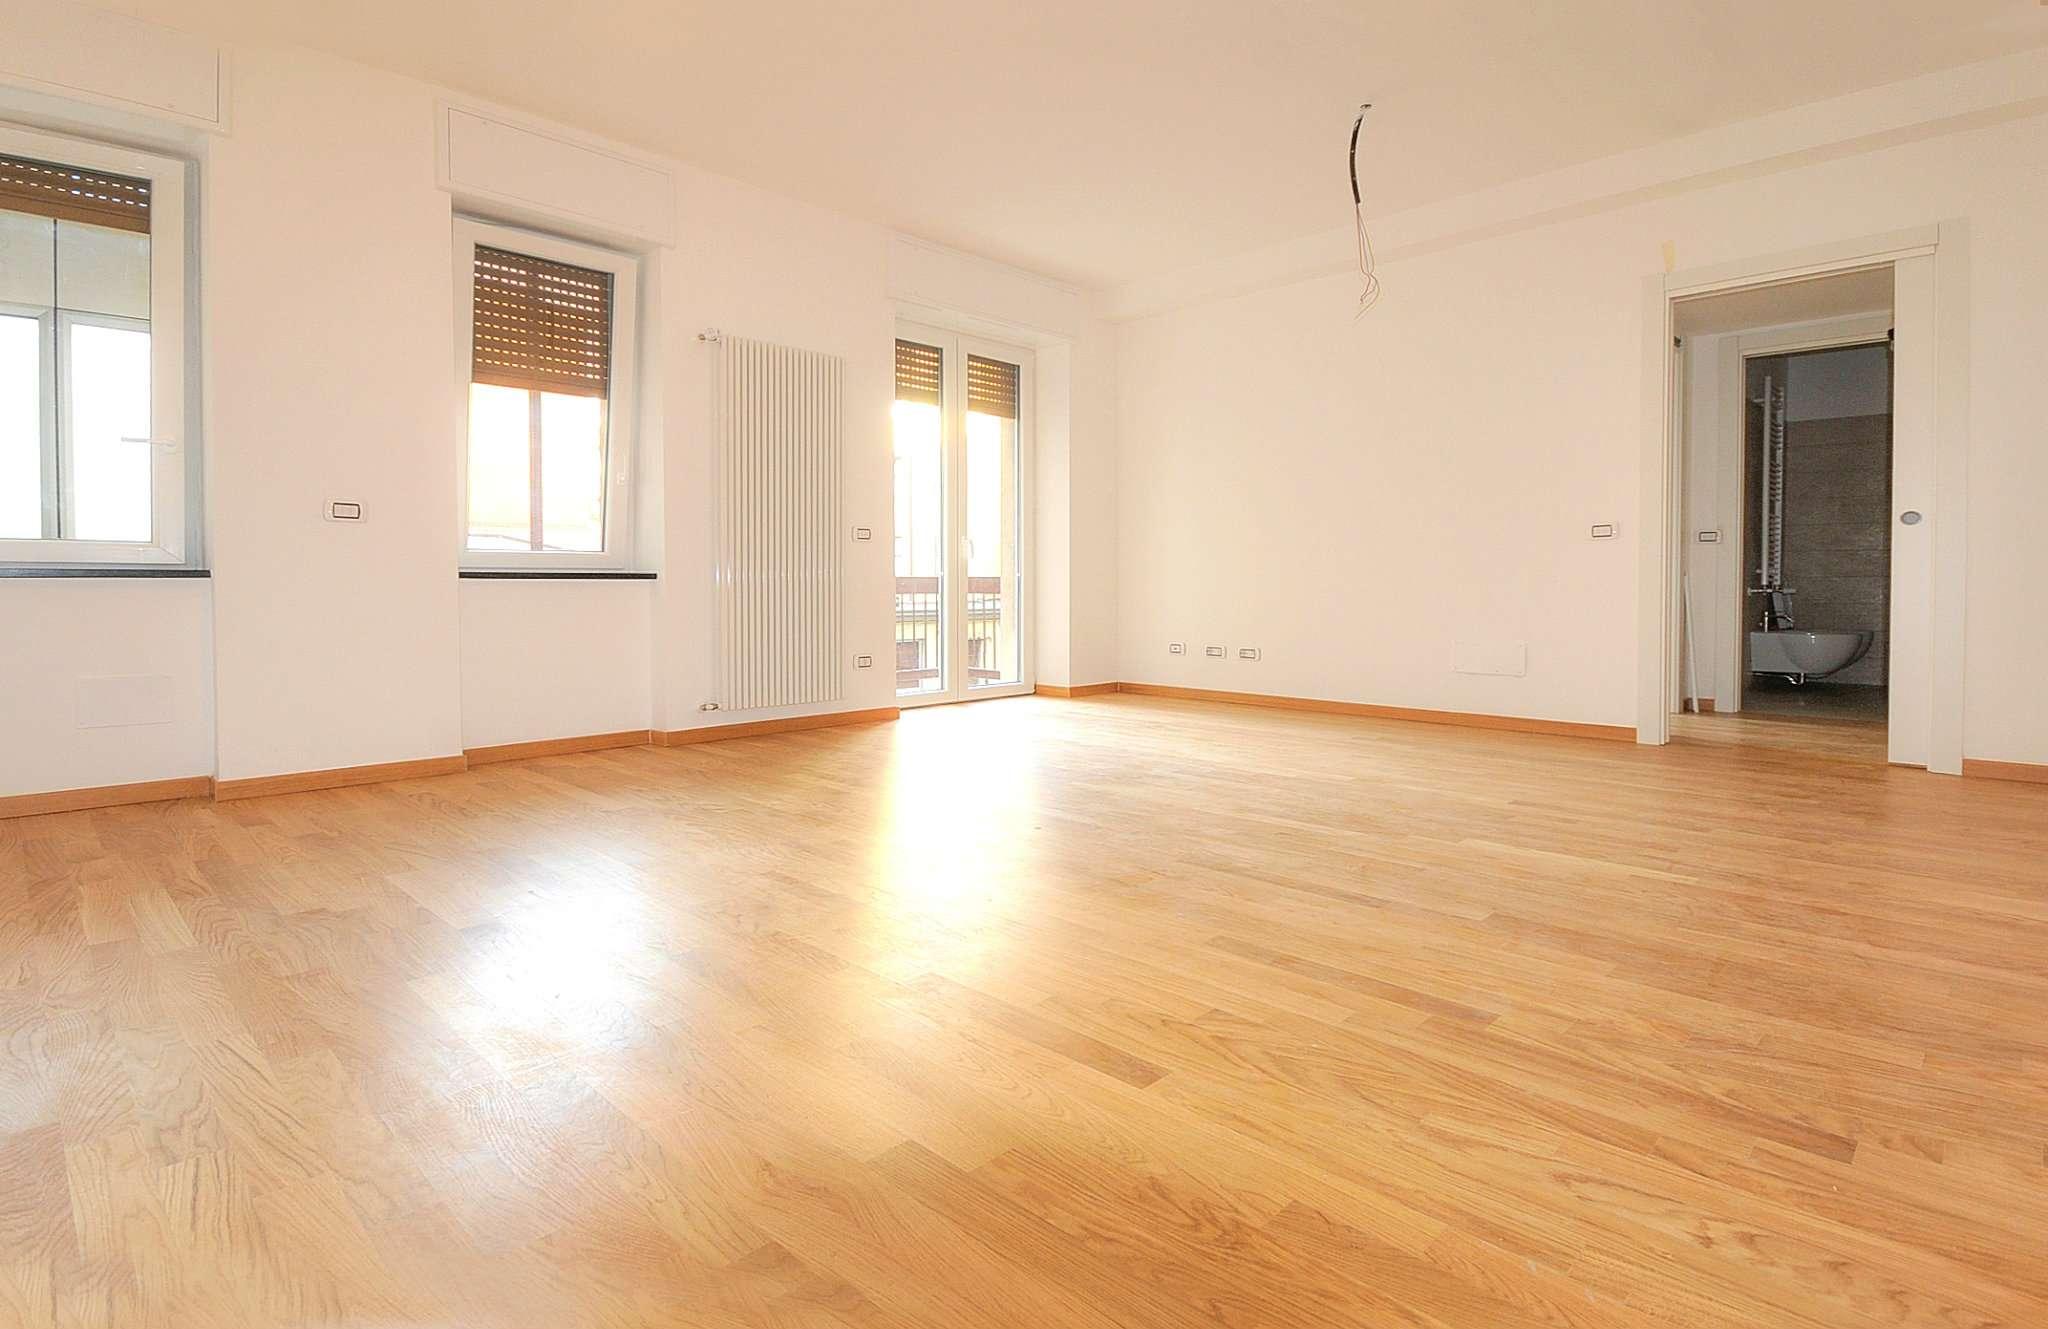 nessuna tassa di vendita più economico scarpe da skate Case in vendita ristrutturate a Milano Pag. 9 - Cambiocasa.it